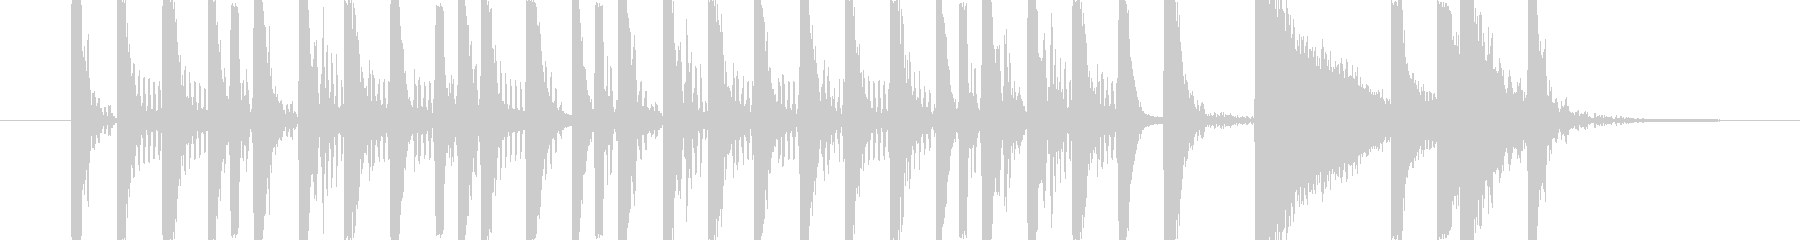 ドラム ベース ロックテイストなリズムの未再生の波形